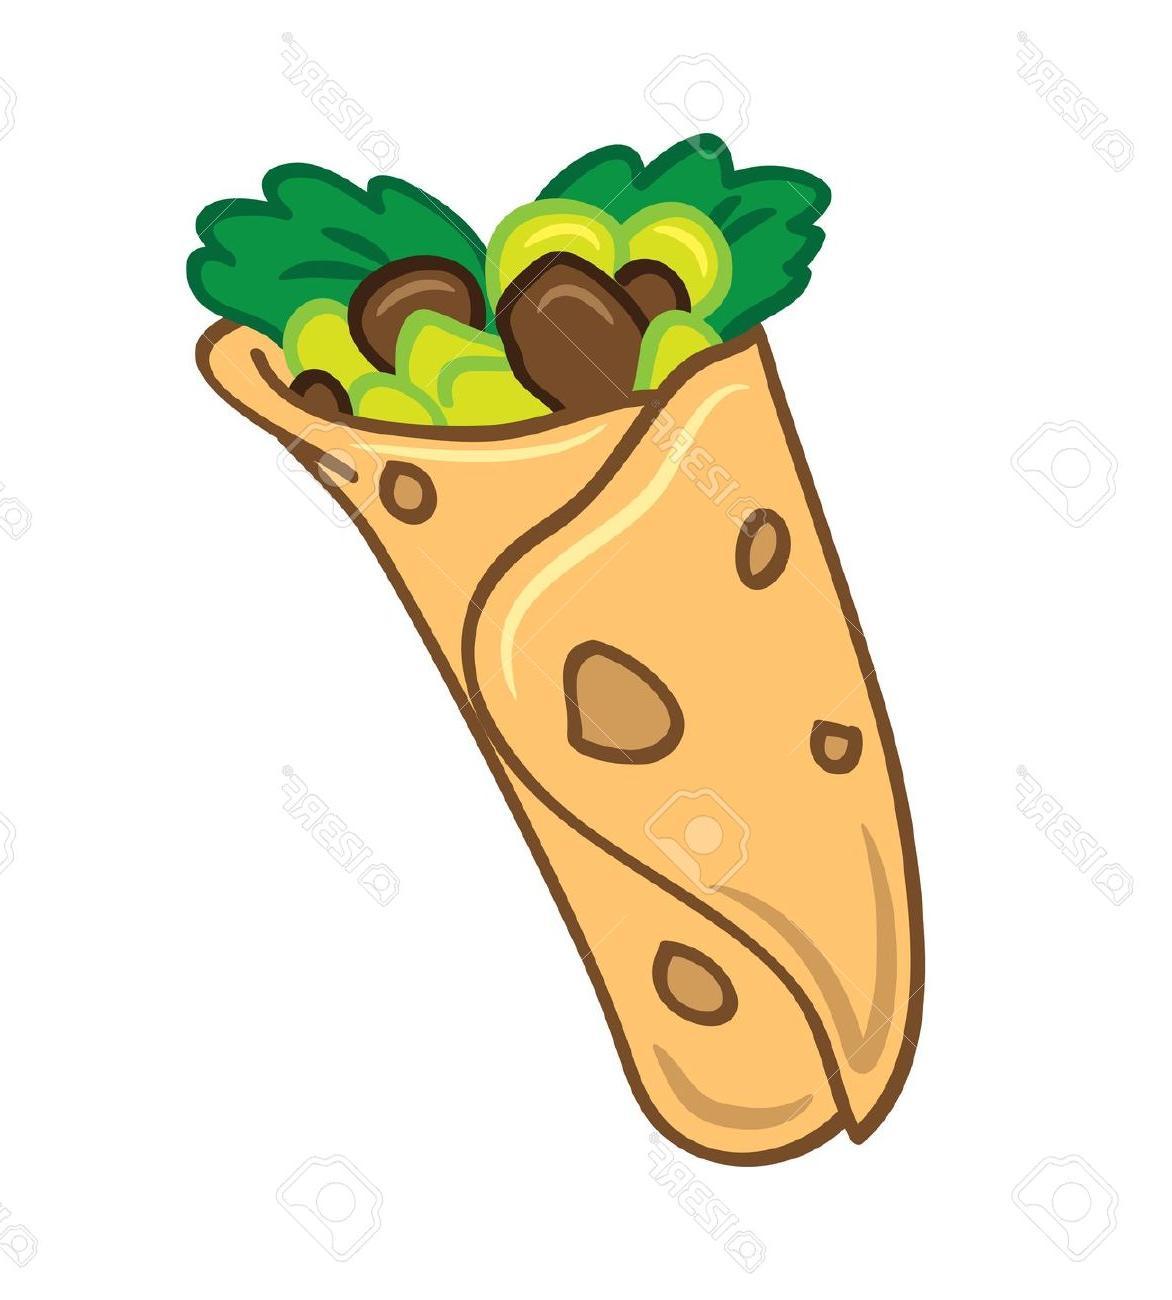 Burrito clipart vector. Burritos free download best